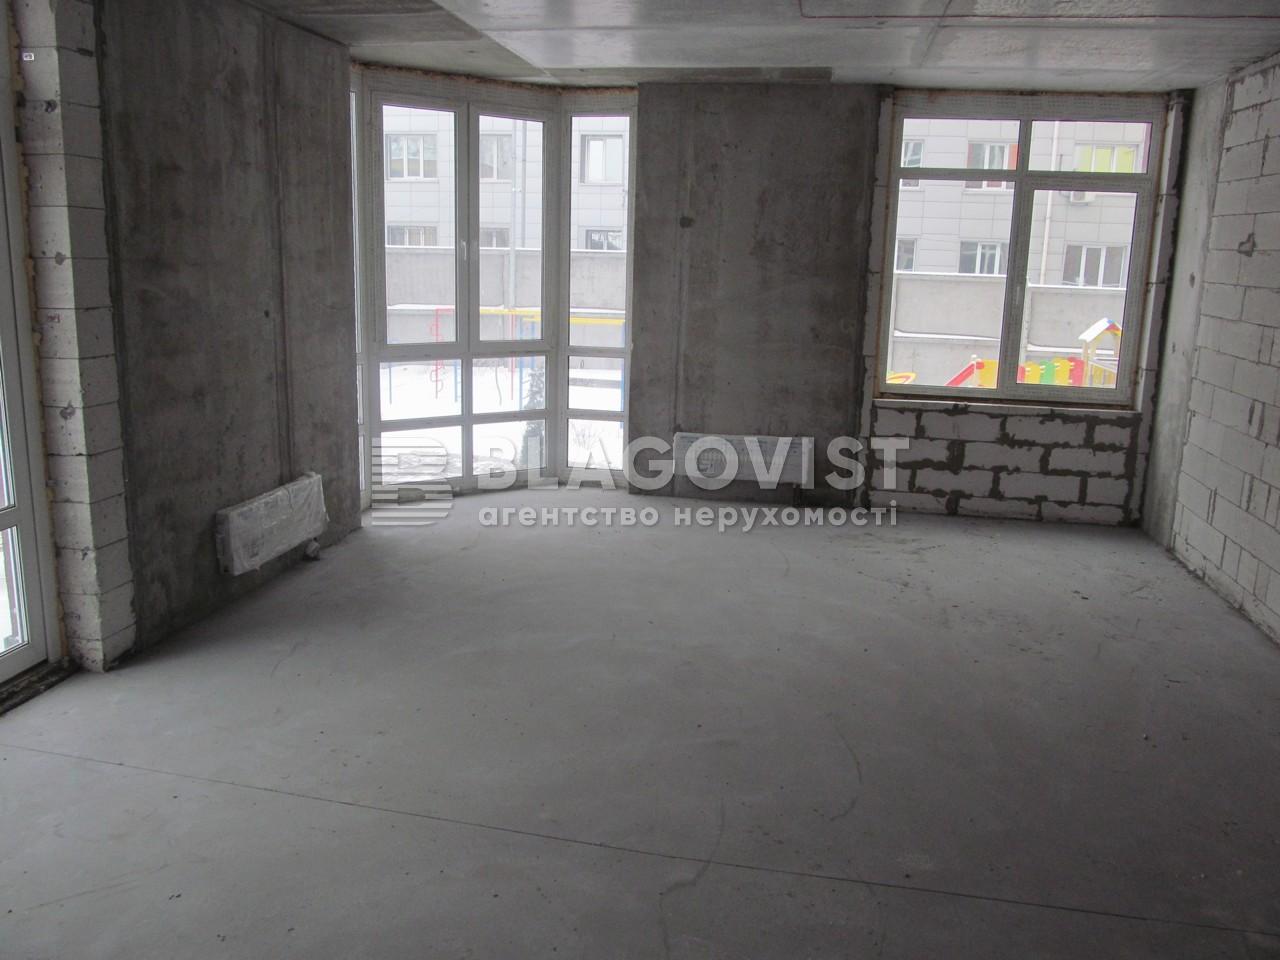 Нежилое помещение, R-15250, Голосеевский проспект (40-летия Октября просп.), Киев - Фото 6